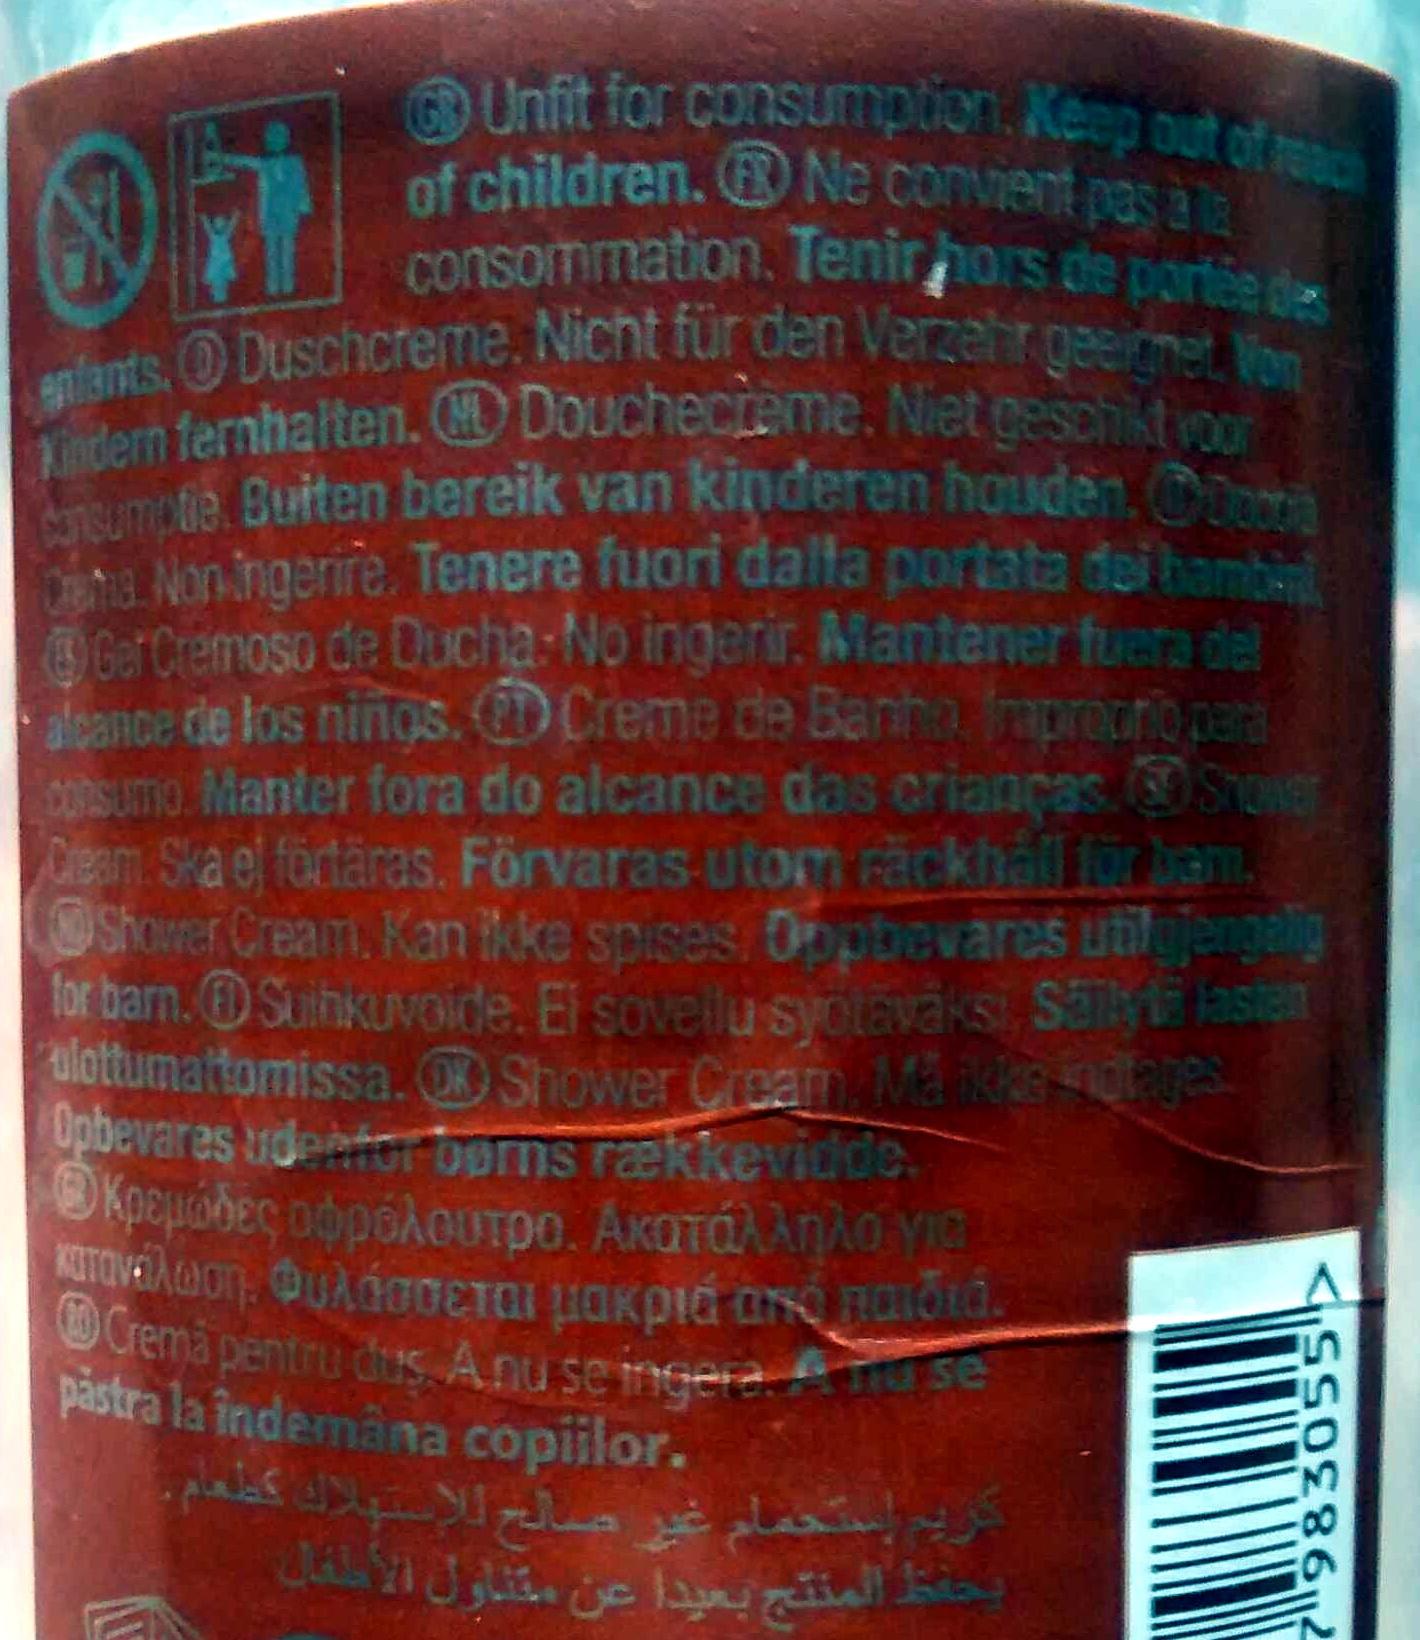 Noix du brésil crème de douche - Ingredients